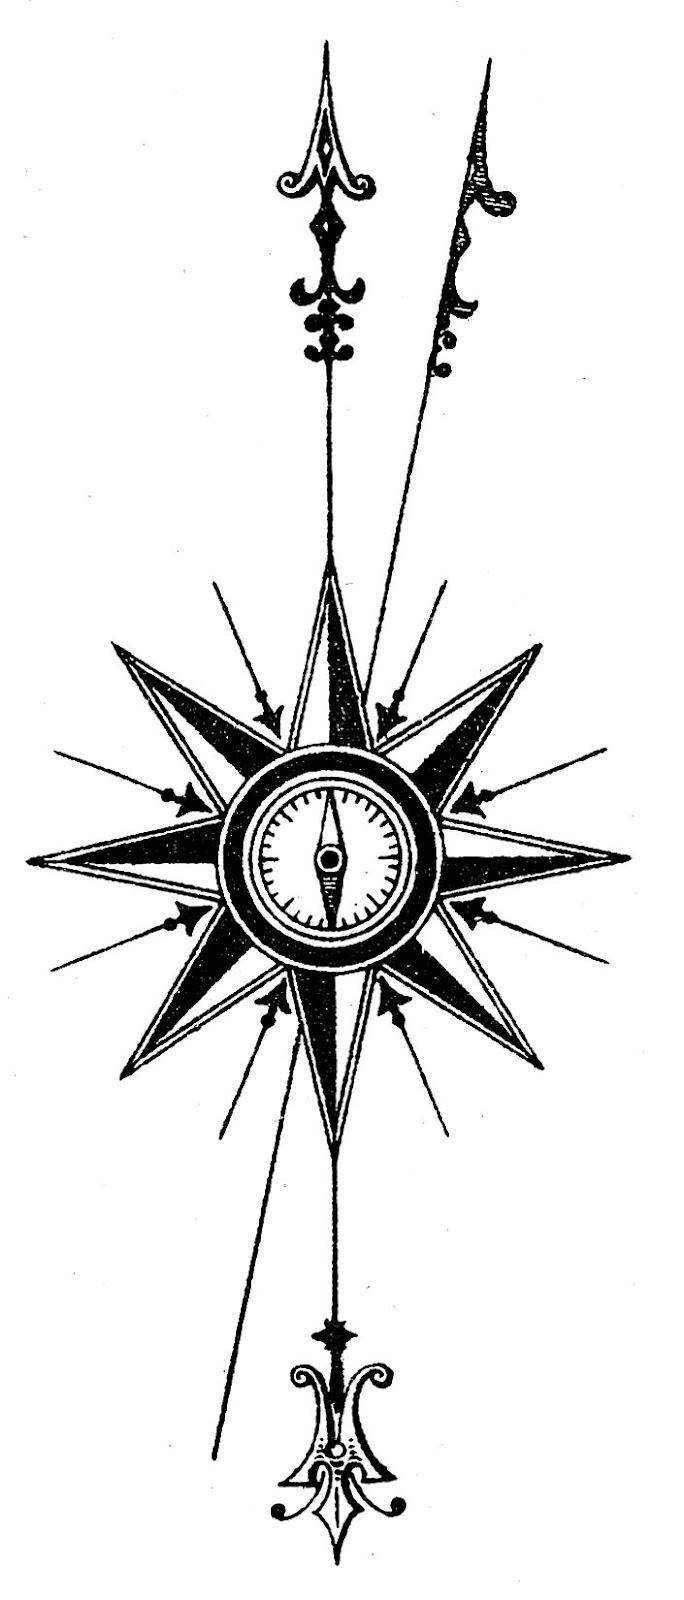 684x1600 Vintage Steampunk Clip Art